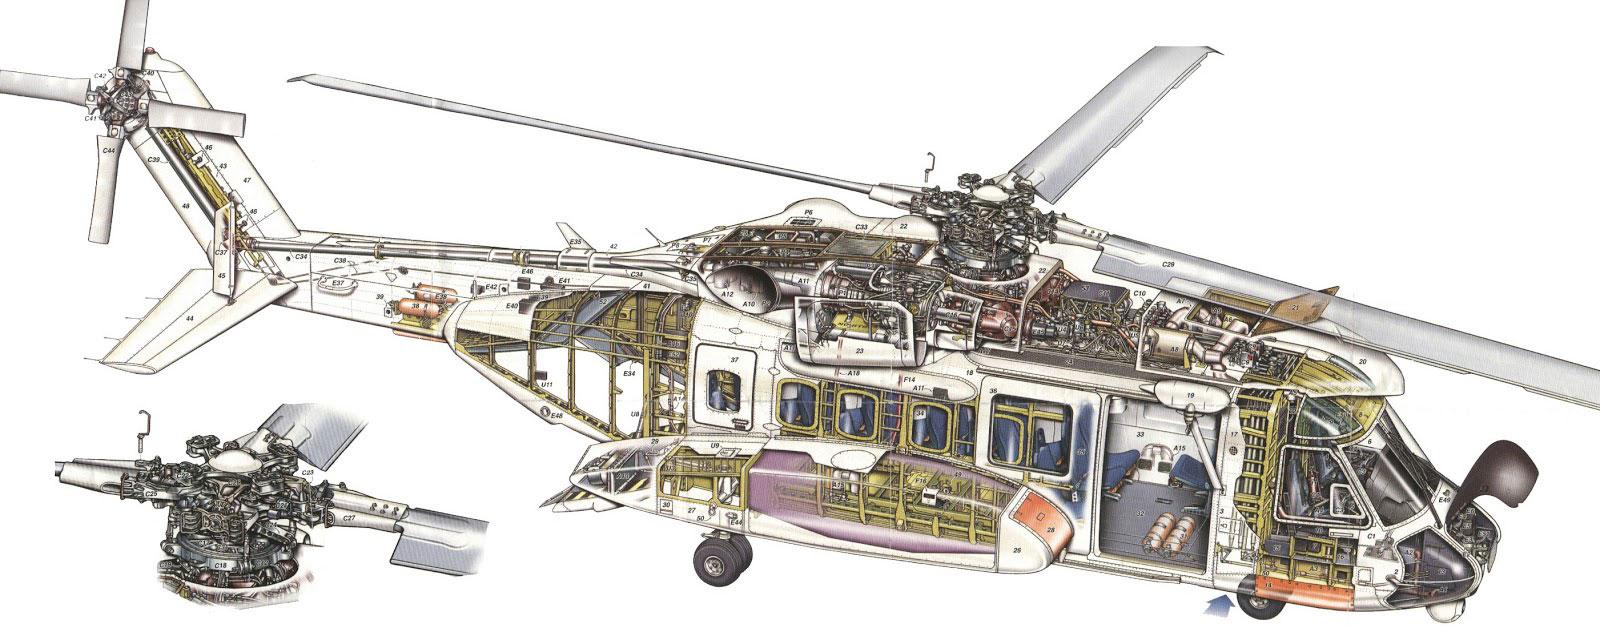 Sikorsky S-92 cutaway